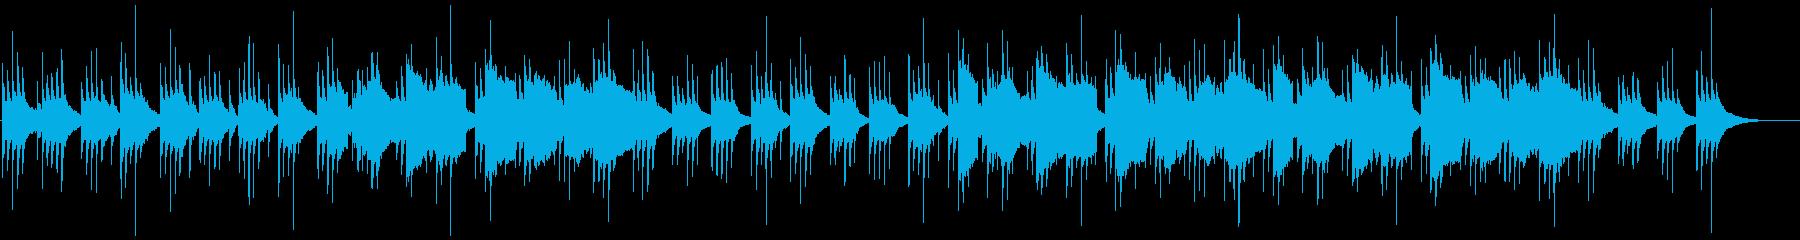 和風 尺八と琴のリラックスBGMの再生済みの波形